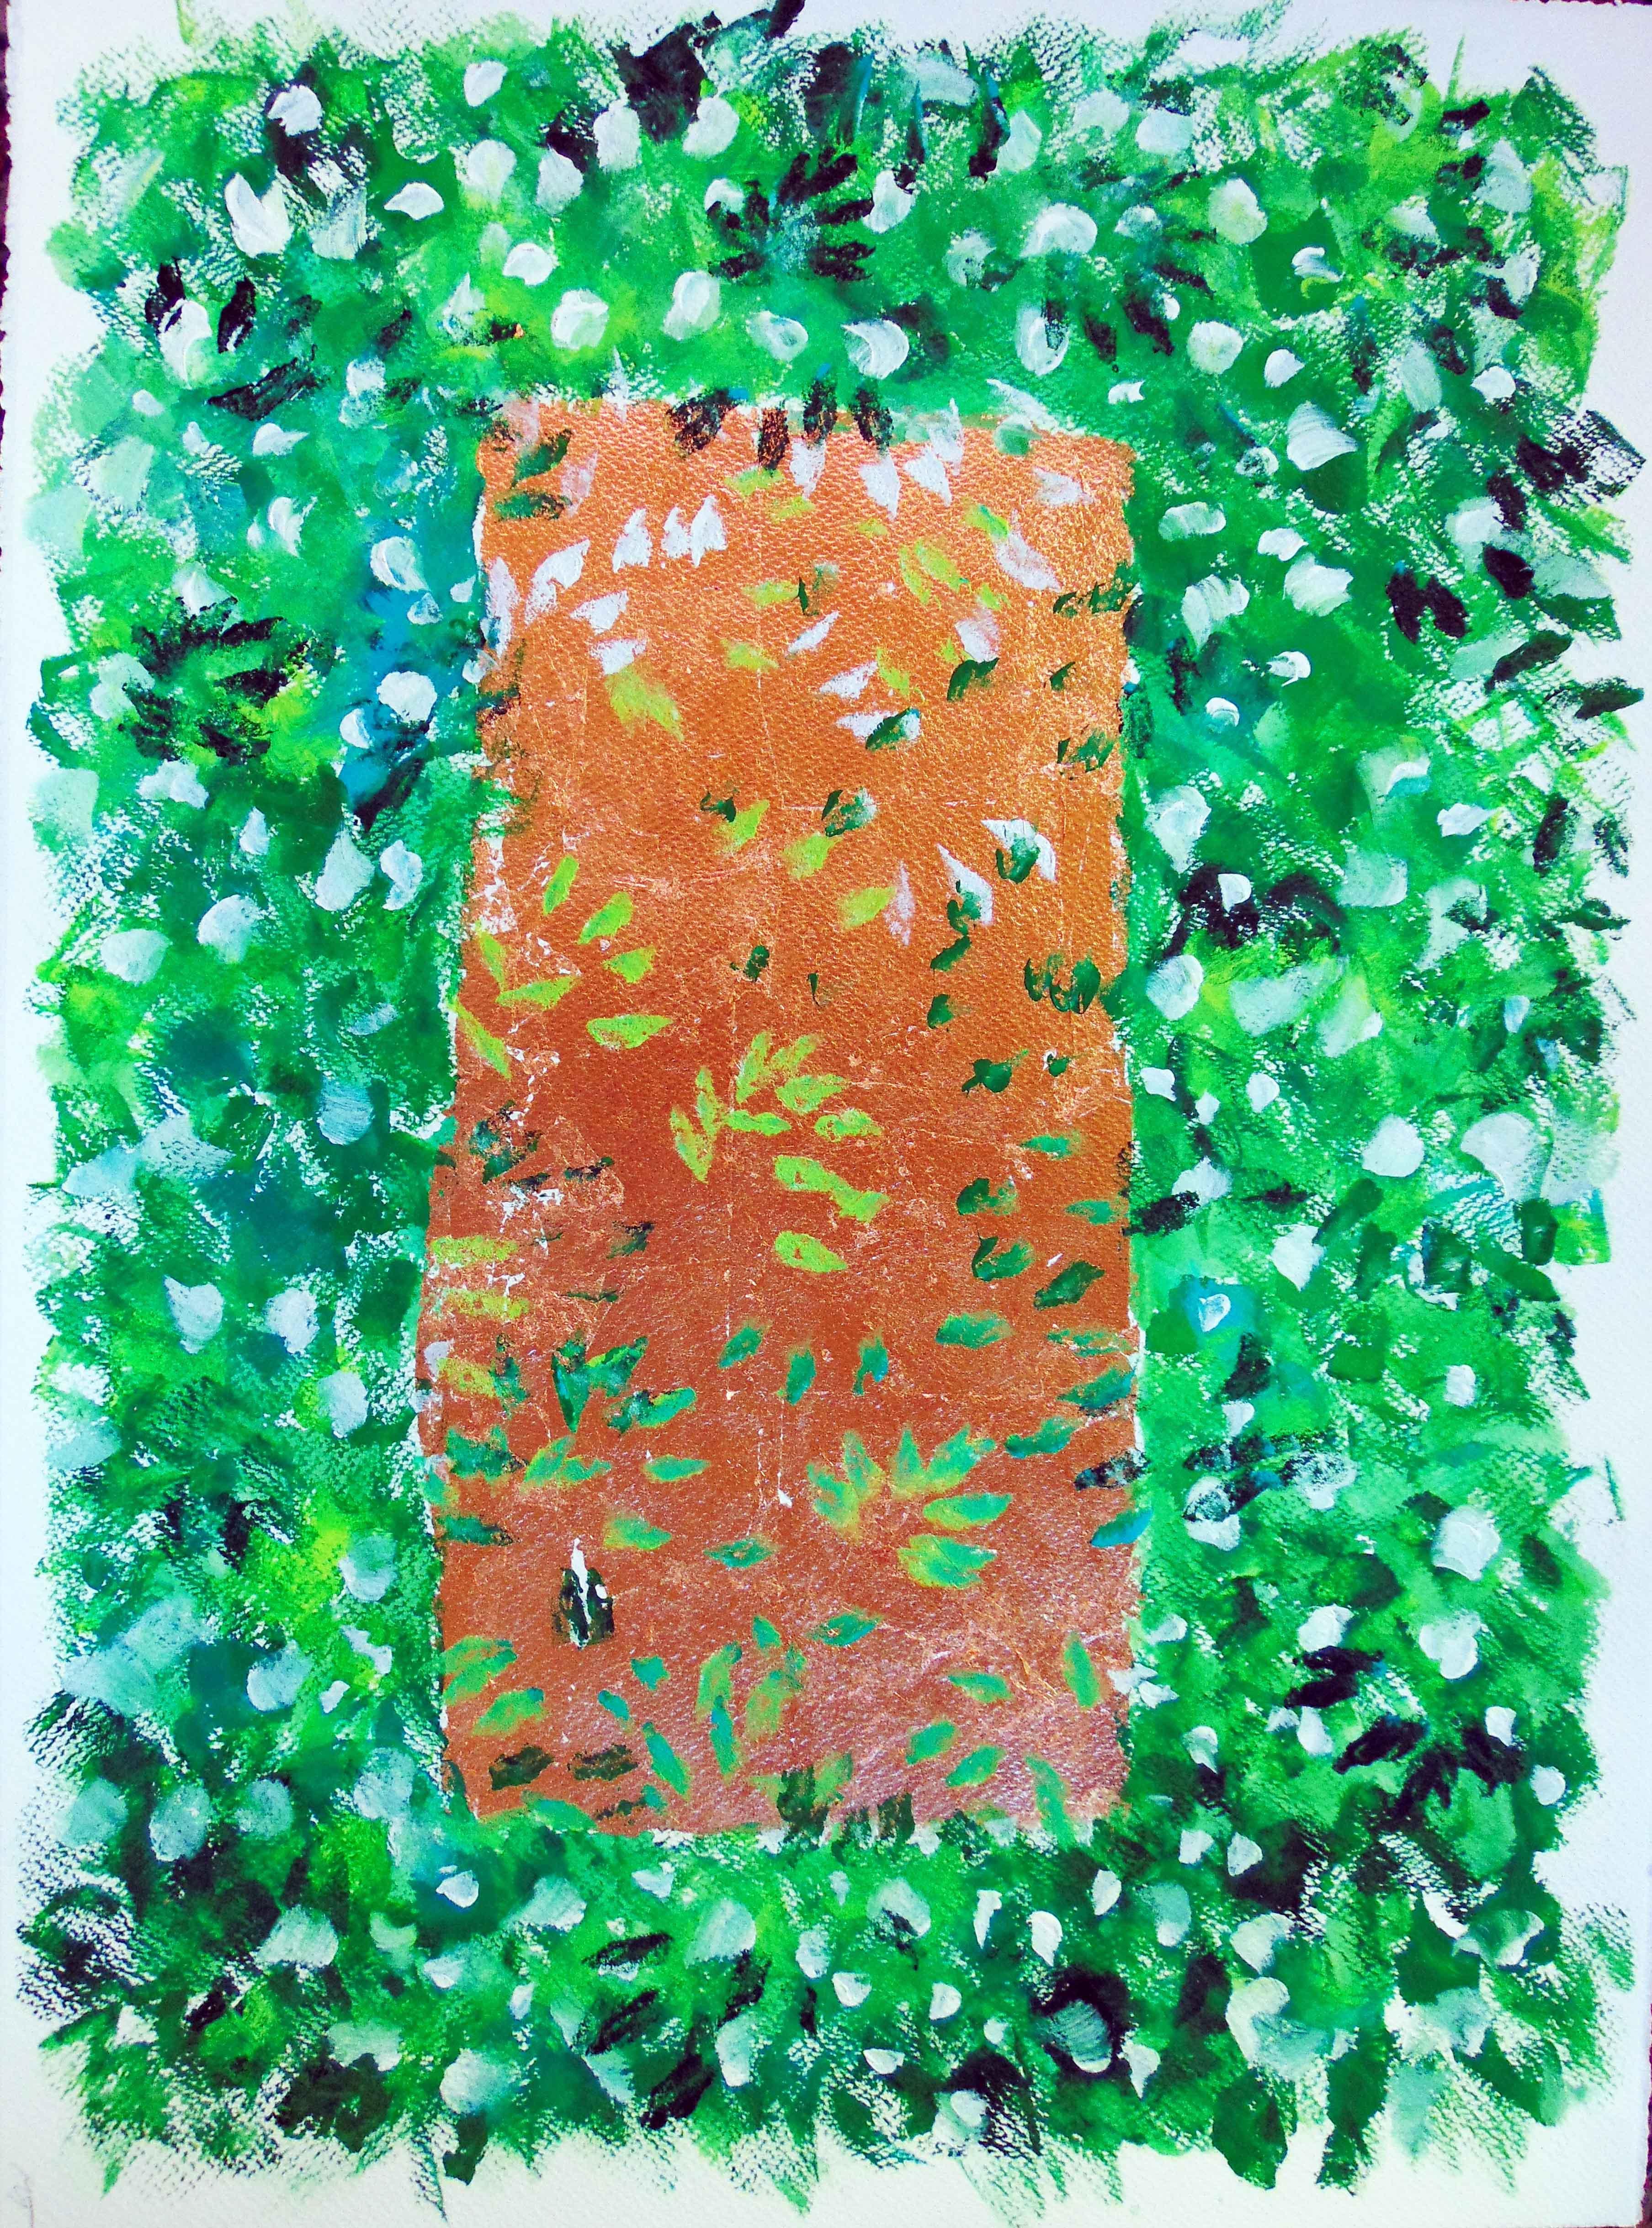 L'artiste italienne Marida Tagliabue exposera bientôt ses œuvres au musée de la Palmeraie à Marrakech